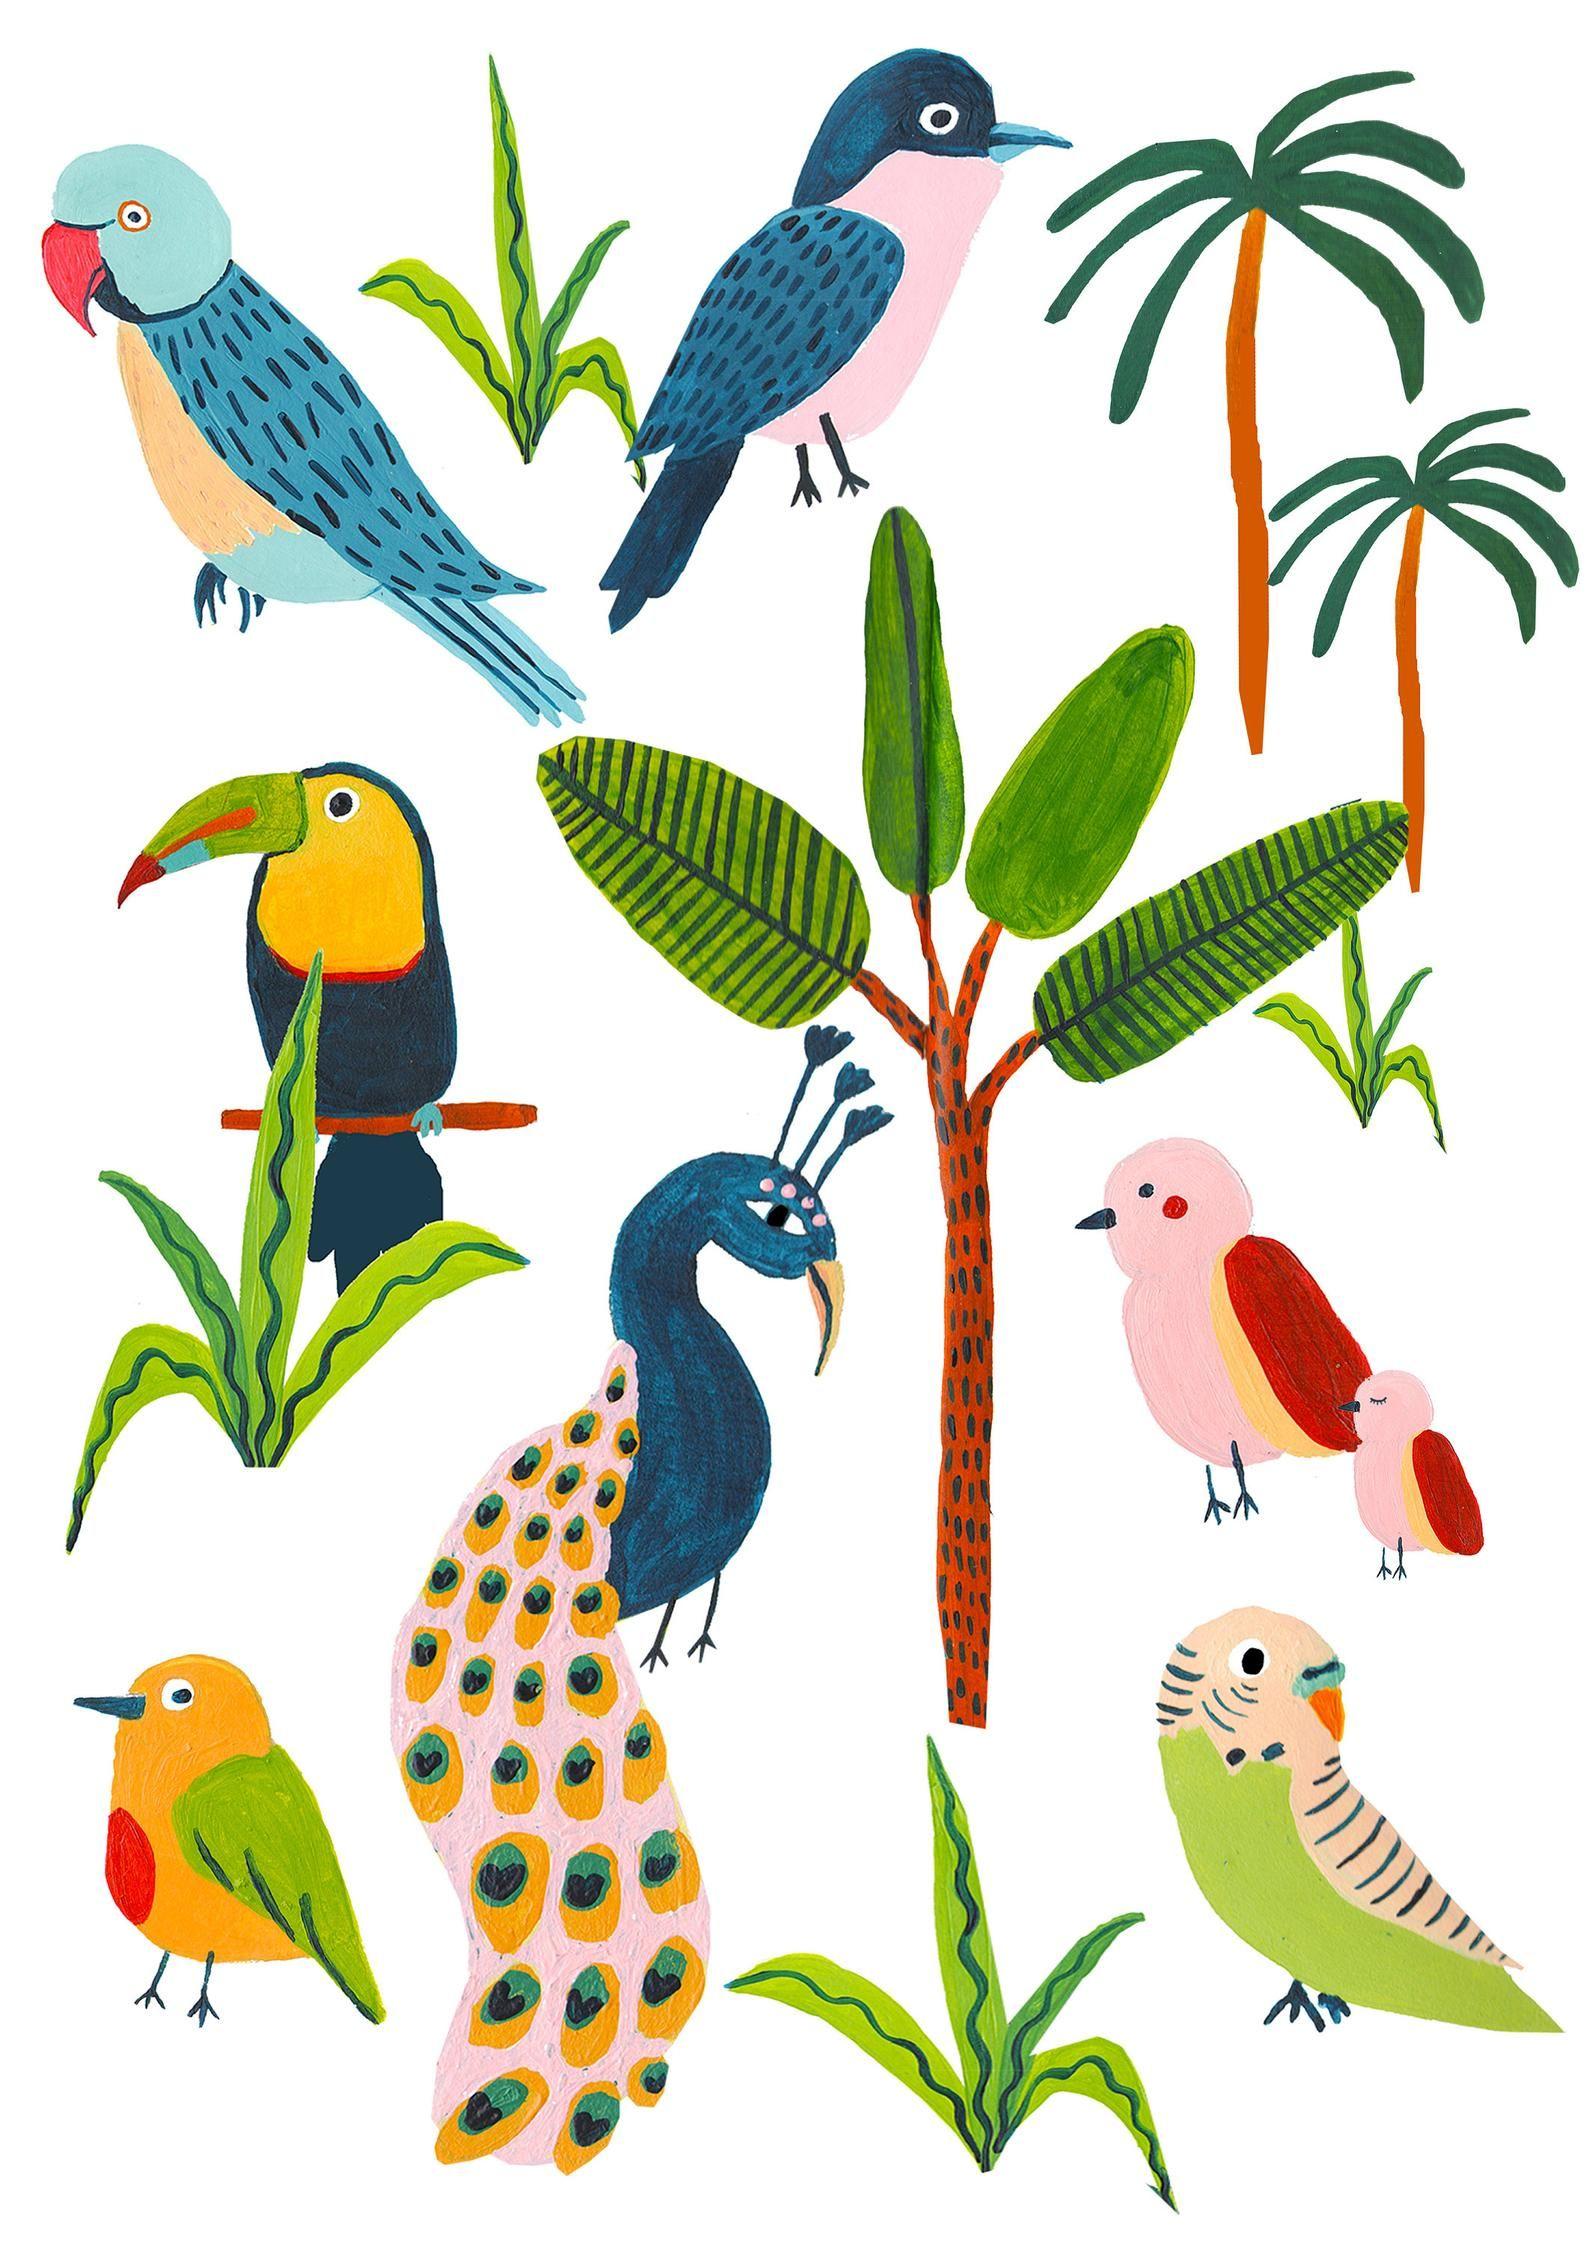 тропическая птица рисунок бесплатно открытку для